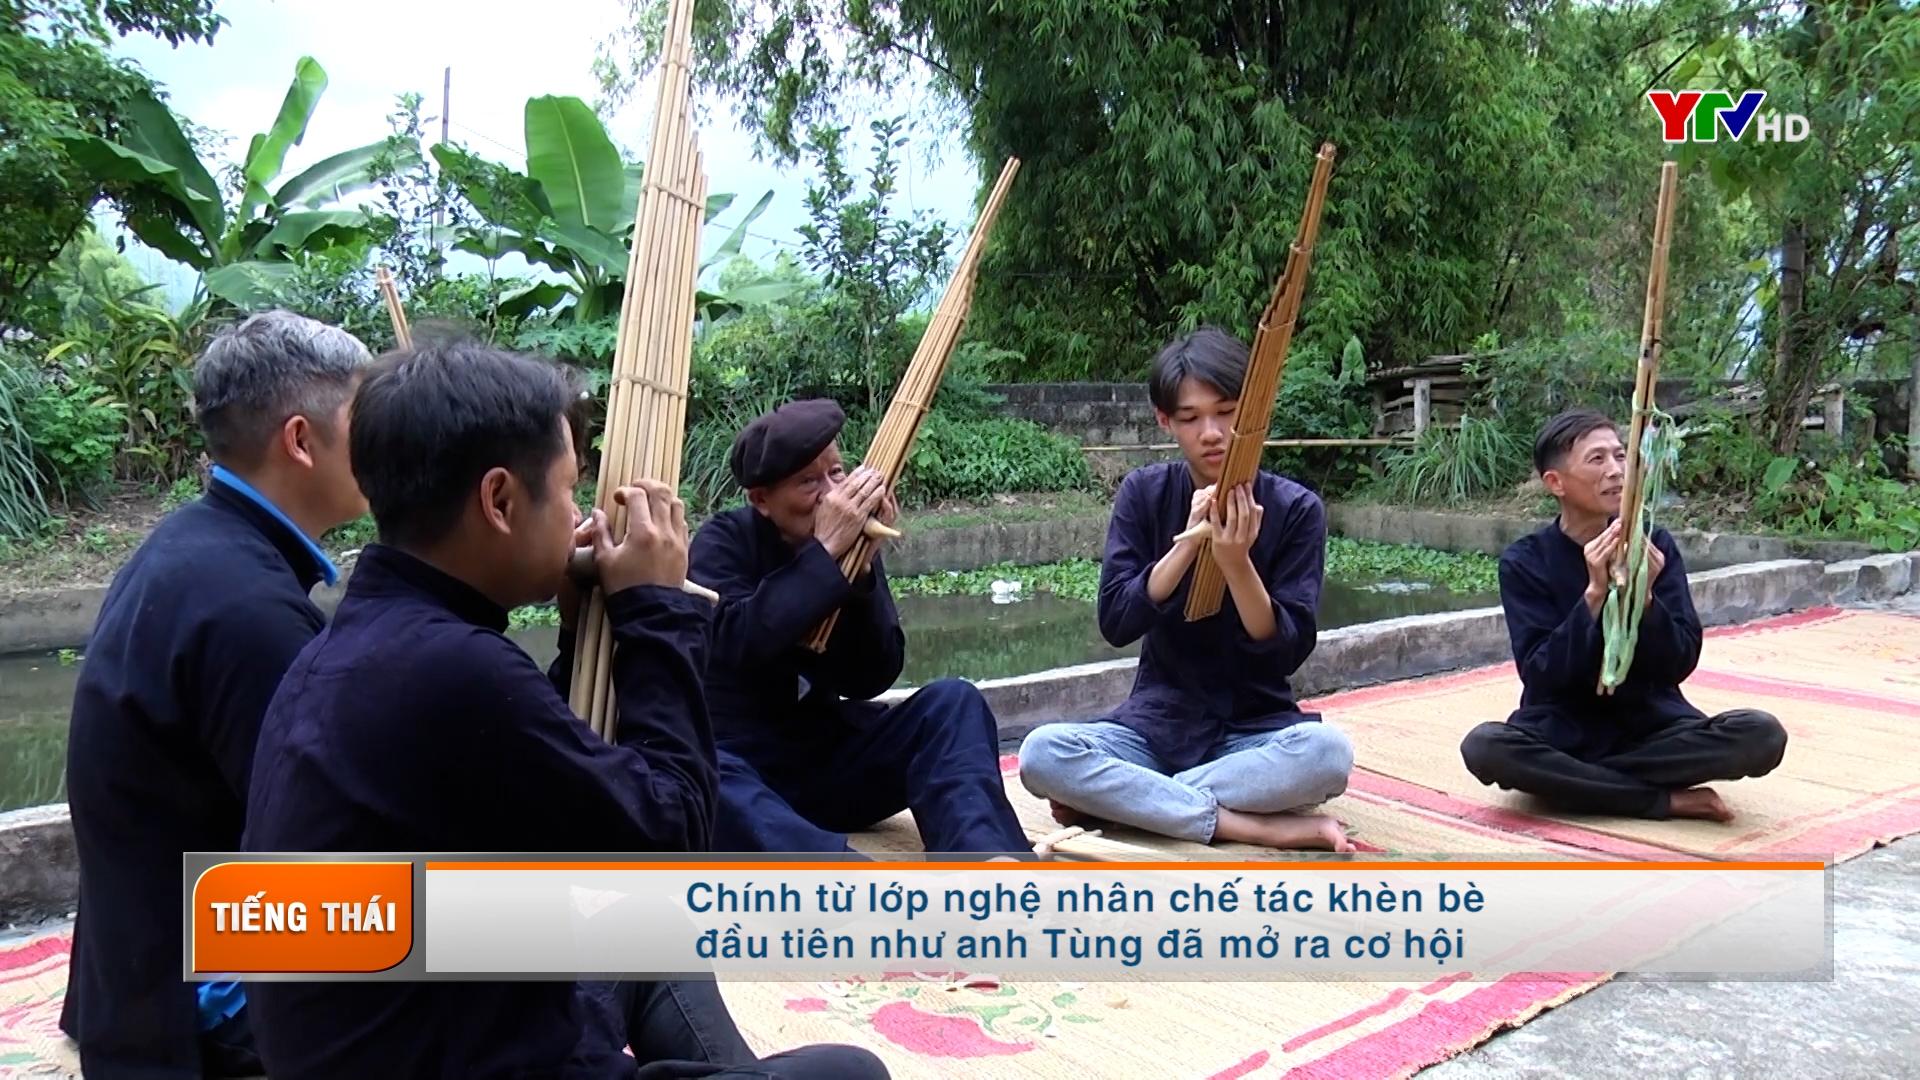 Tạp chí truyền hình tiếng Thái số 3 tháng 7 năm 2021